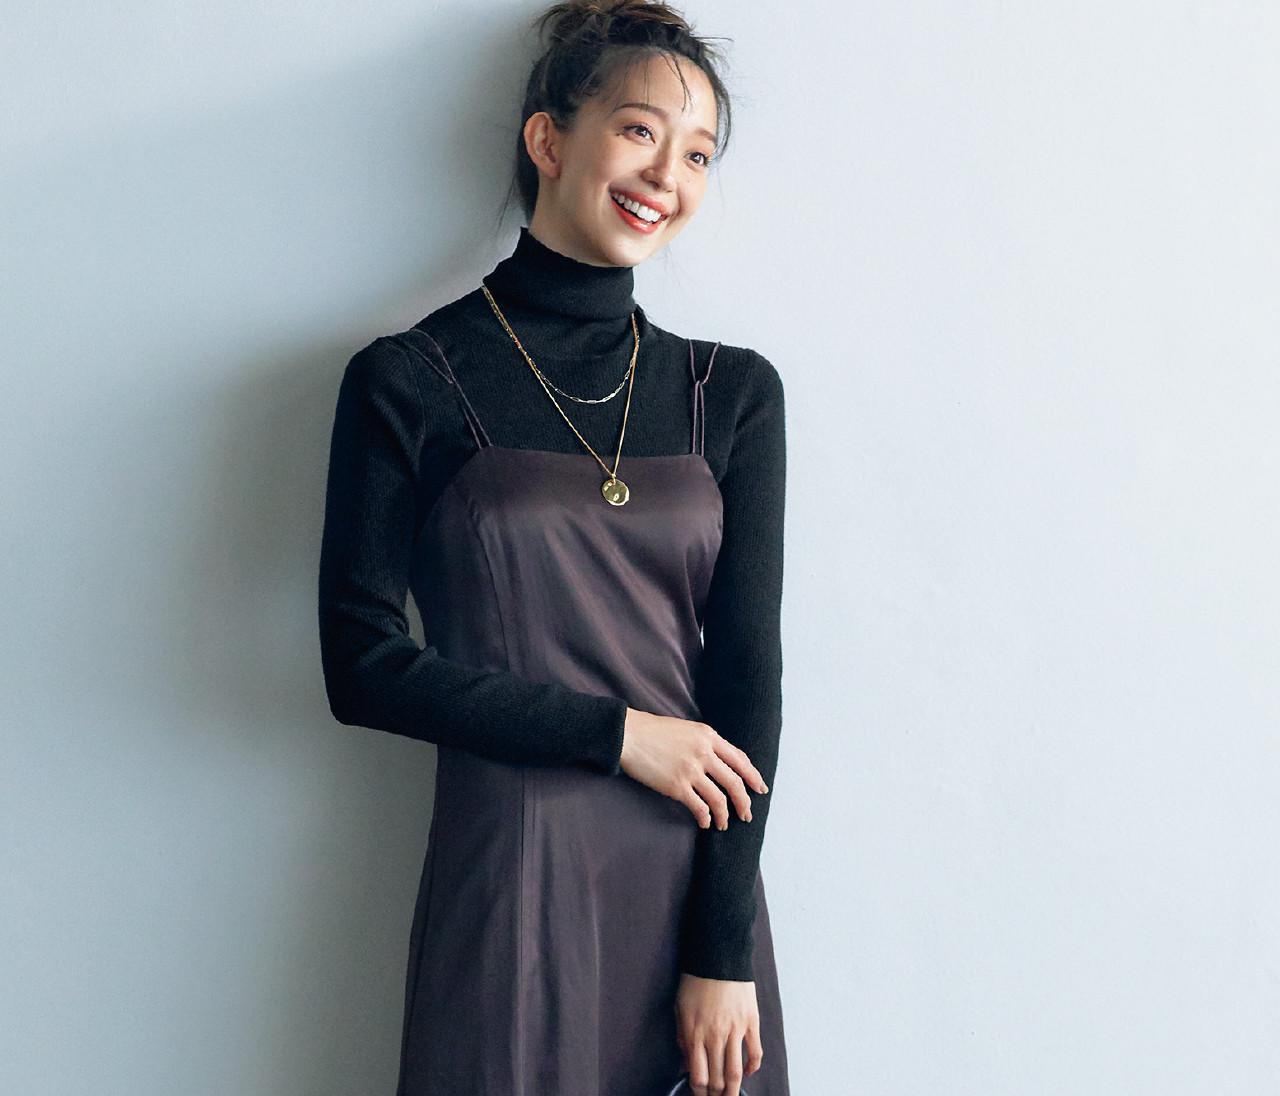 【30代冬の着やせルール3】「キャミワンピ」は黒タートルを合わせてIラインを強調!